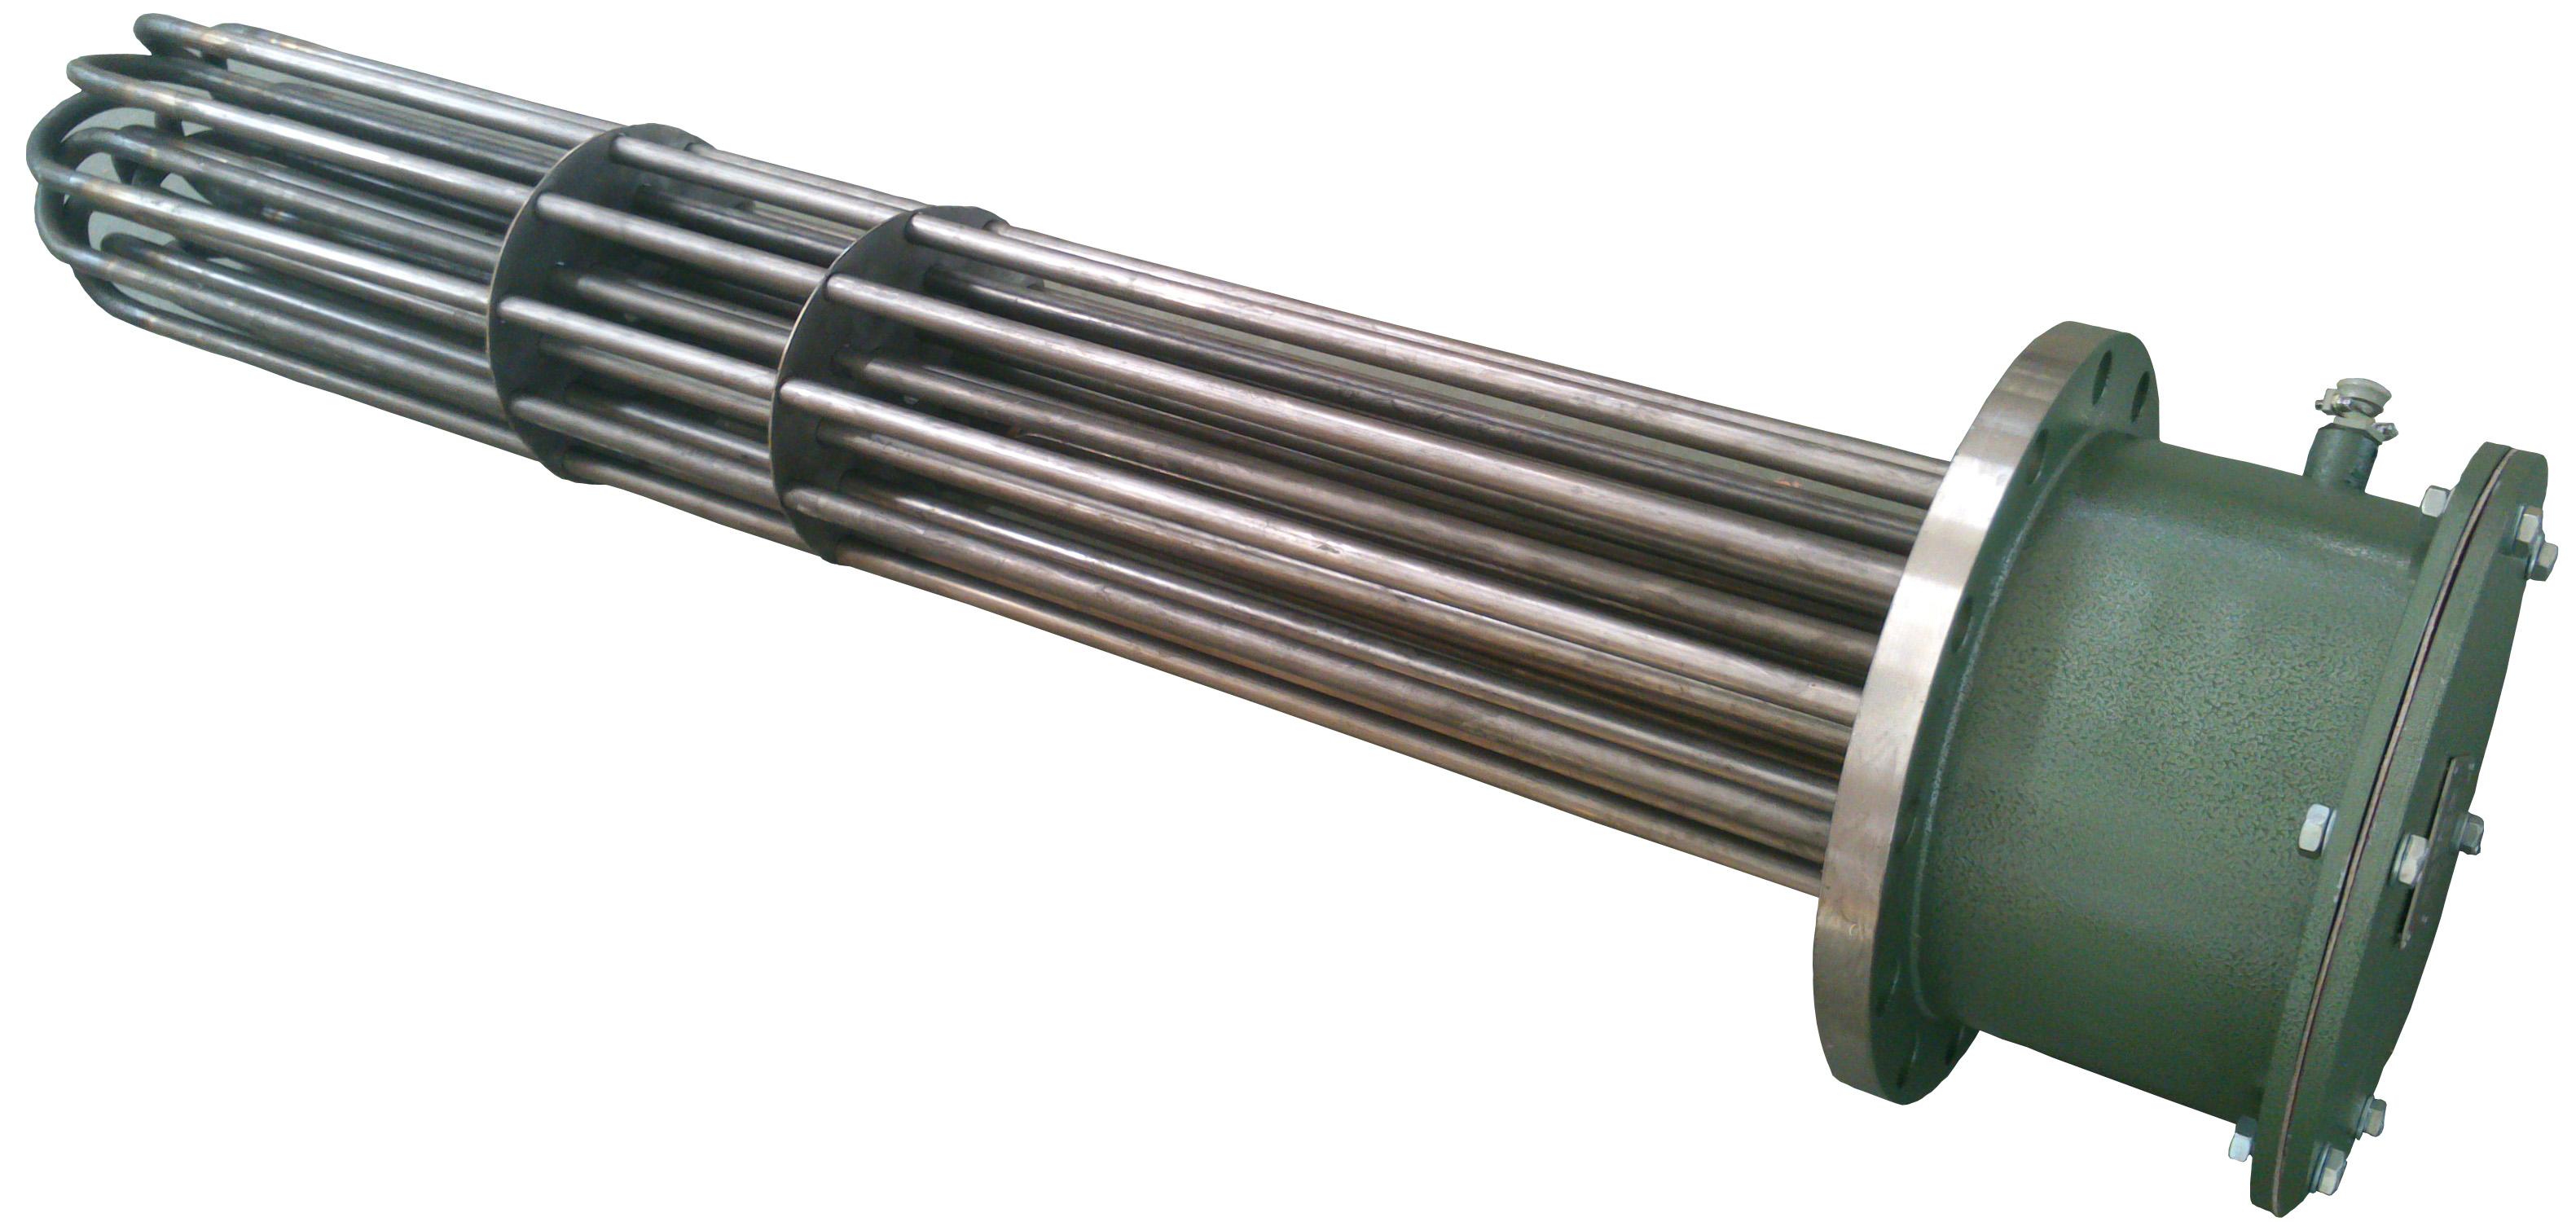 浸入式電加熱器